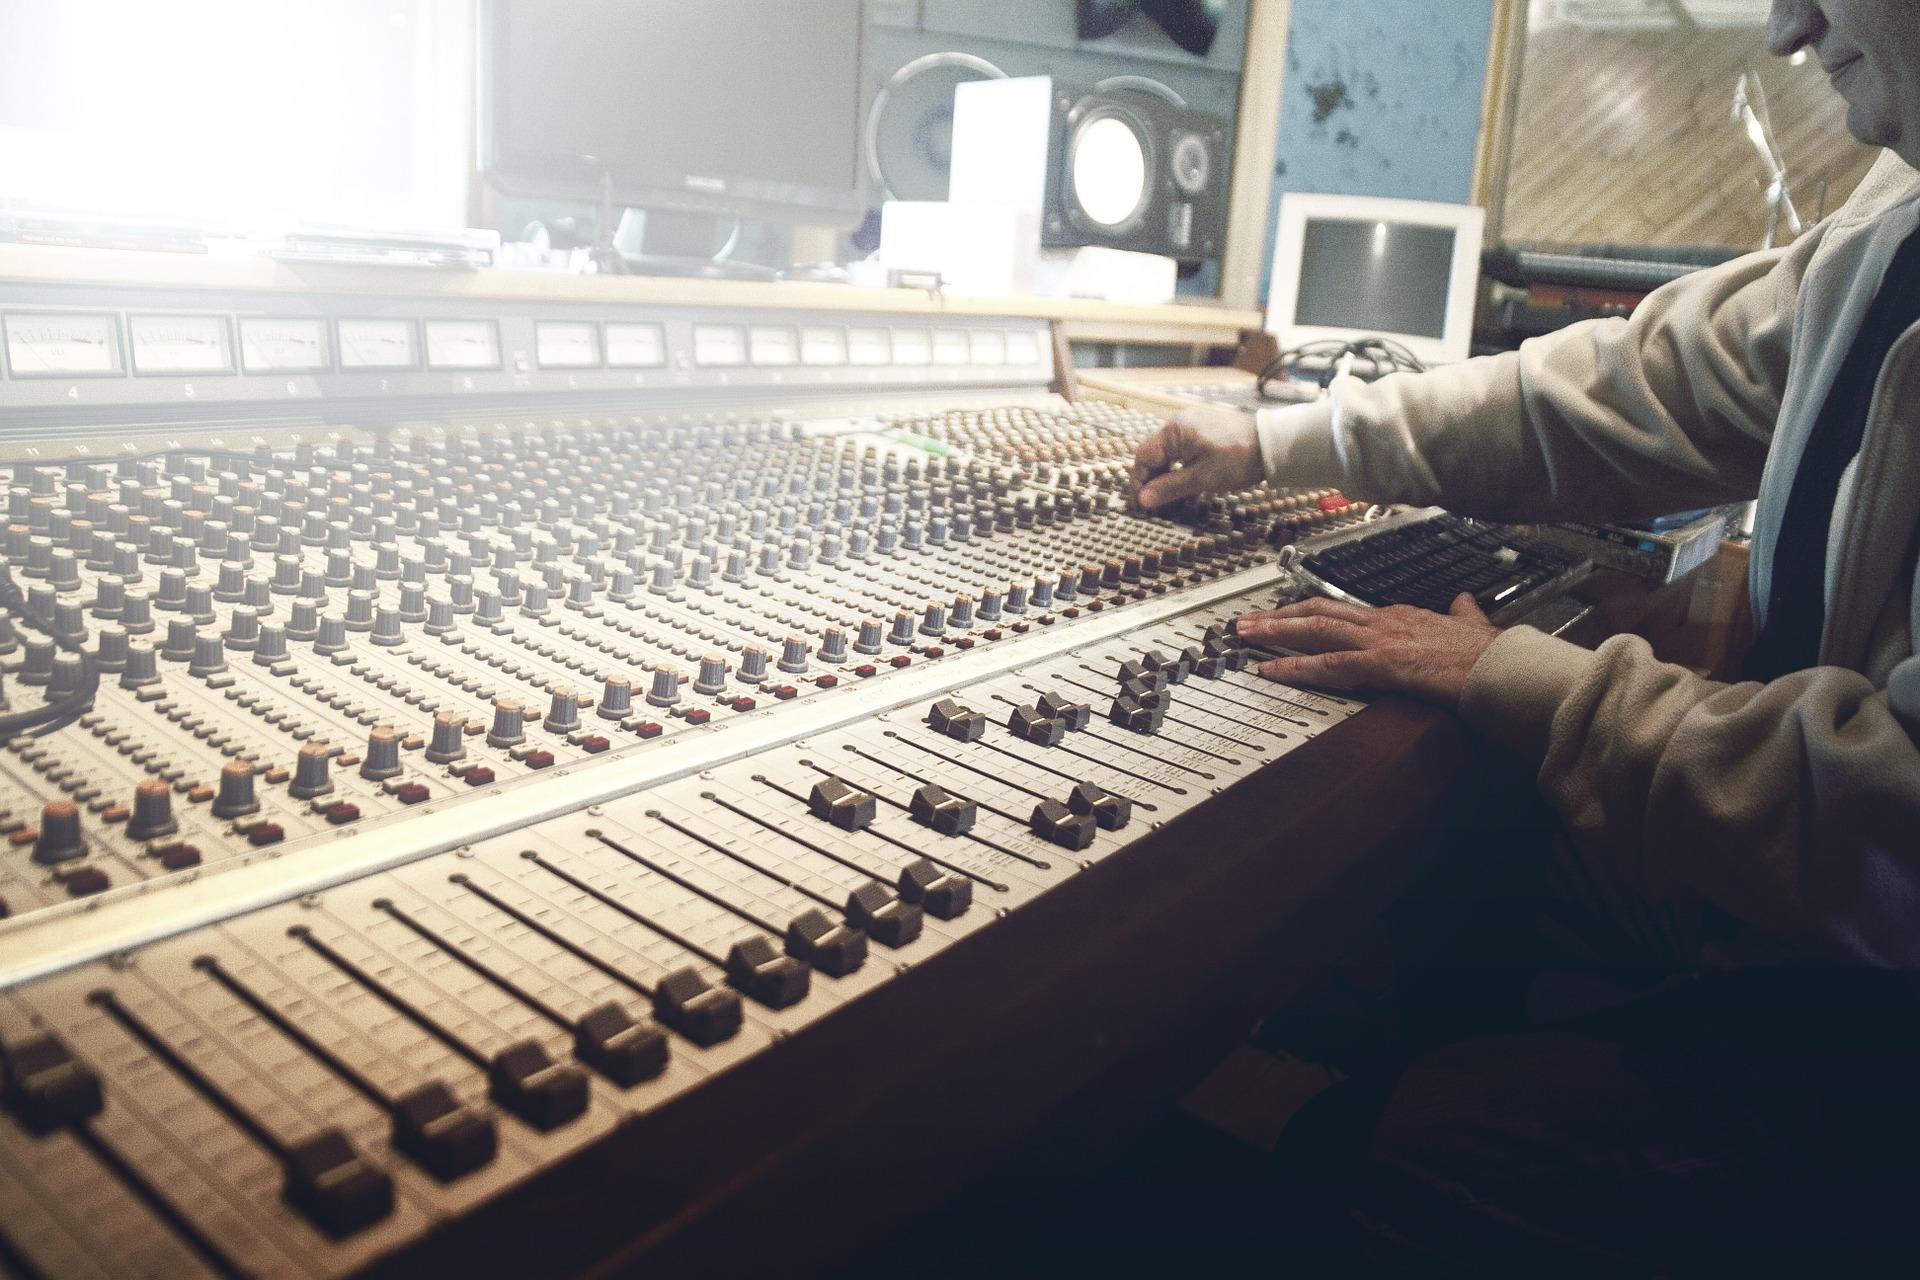 sound-studio-407216_1920.jpg